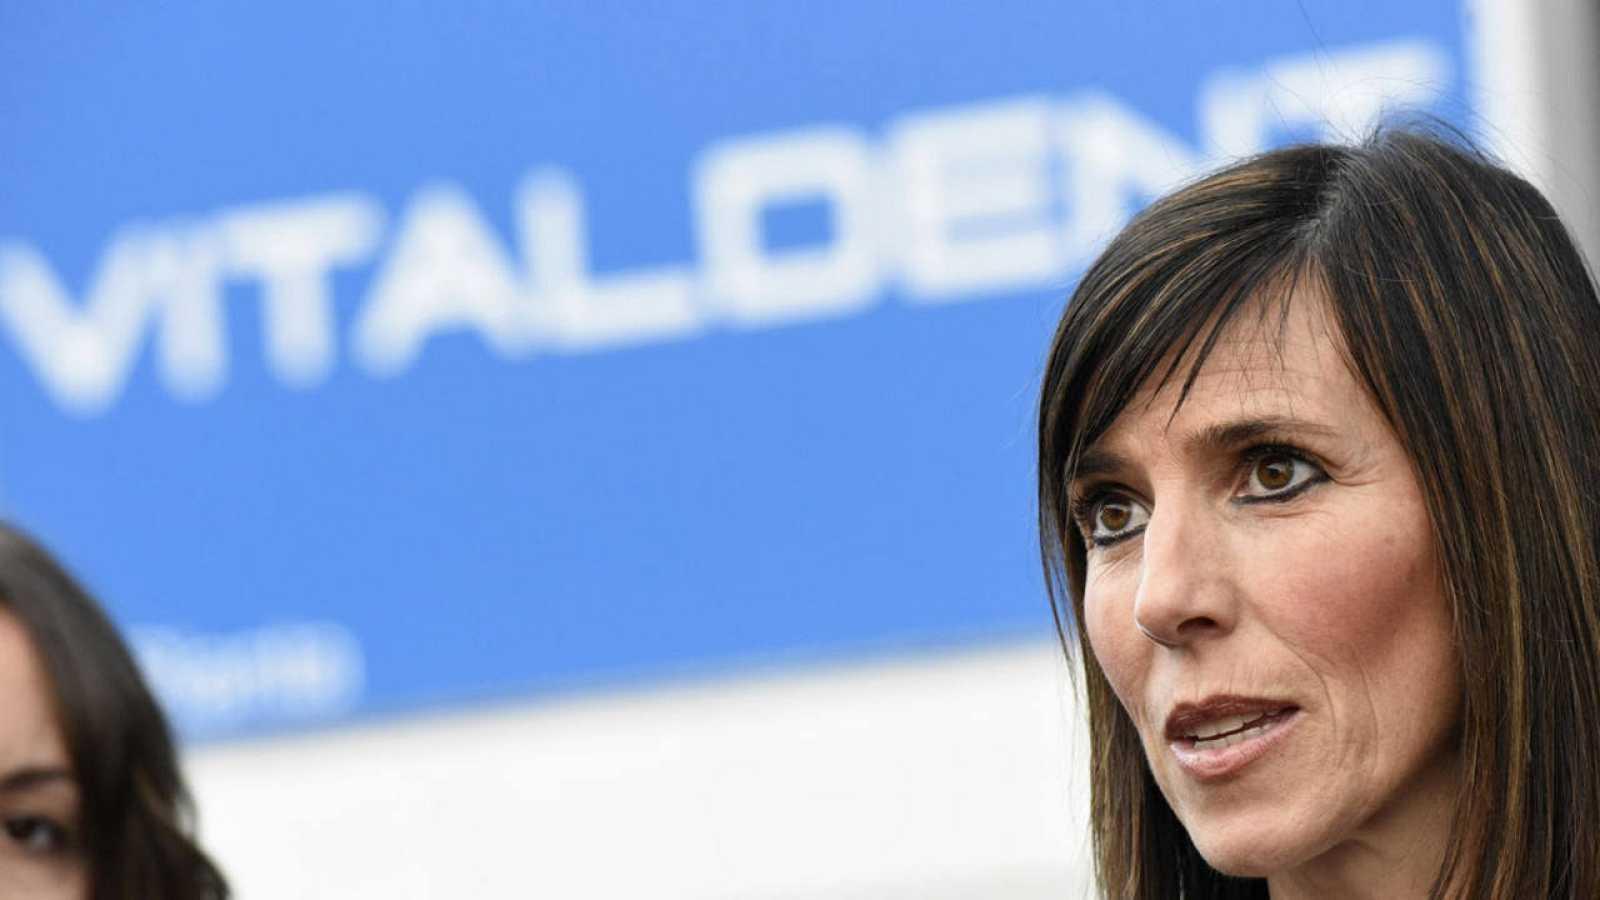 La portavoz de Vitaldent,  Ana Caspistegui, en la sede central en Las Rozas